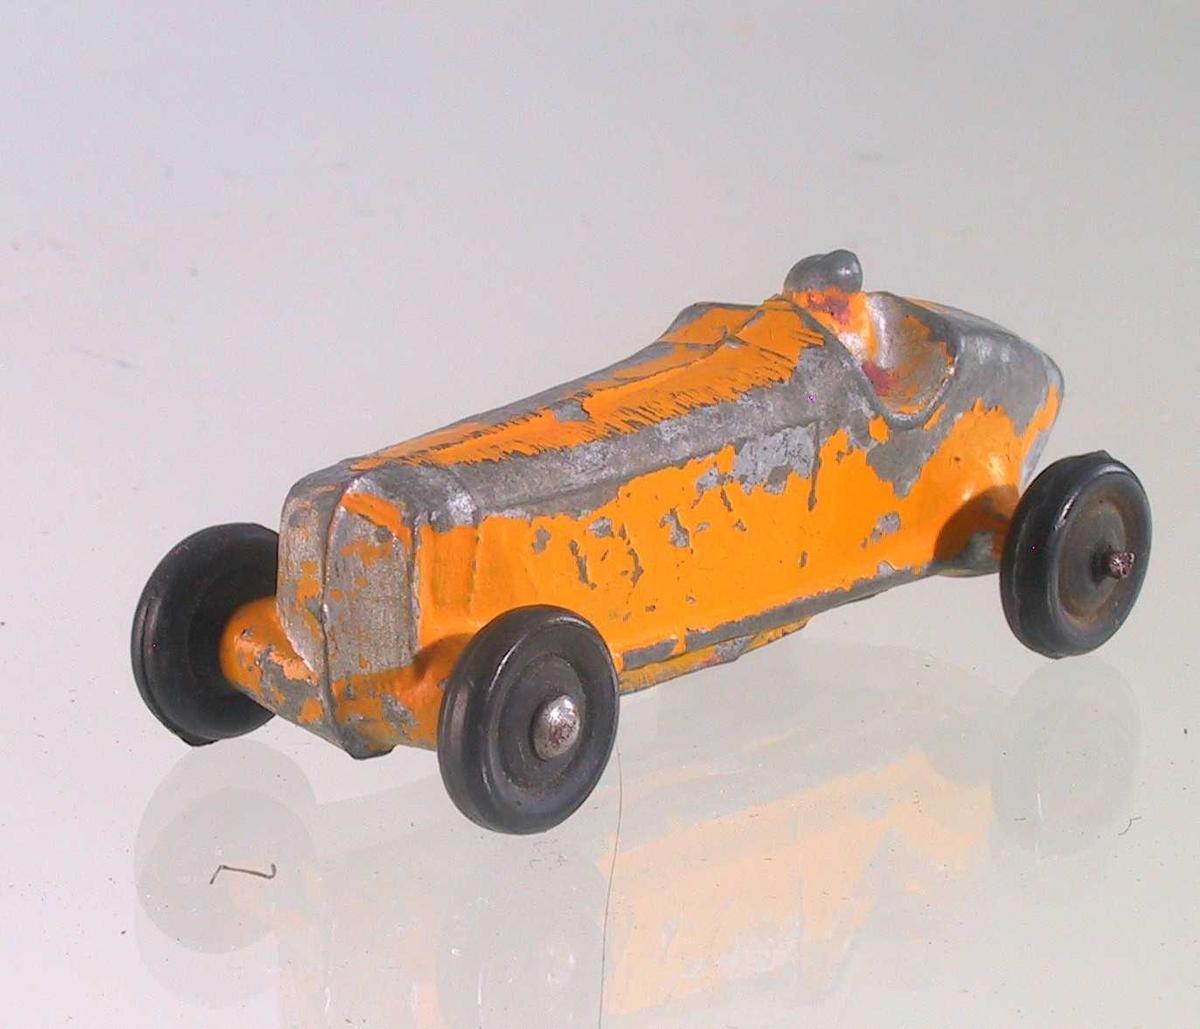 Form: Liten racer-bil med bilfører støpt i ett.